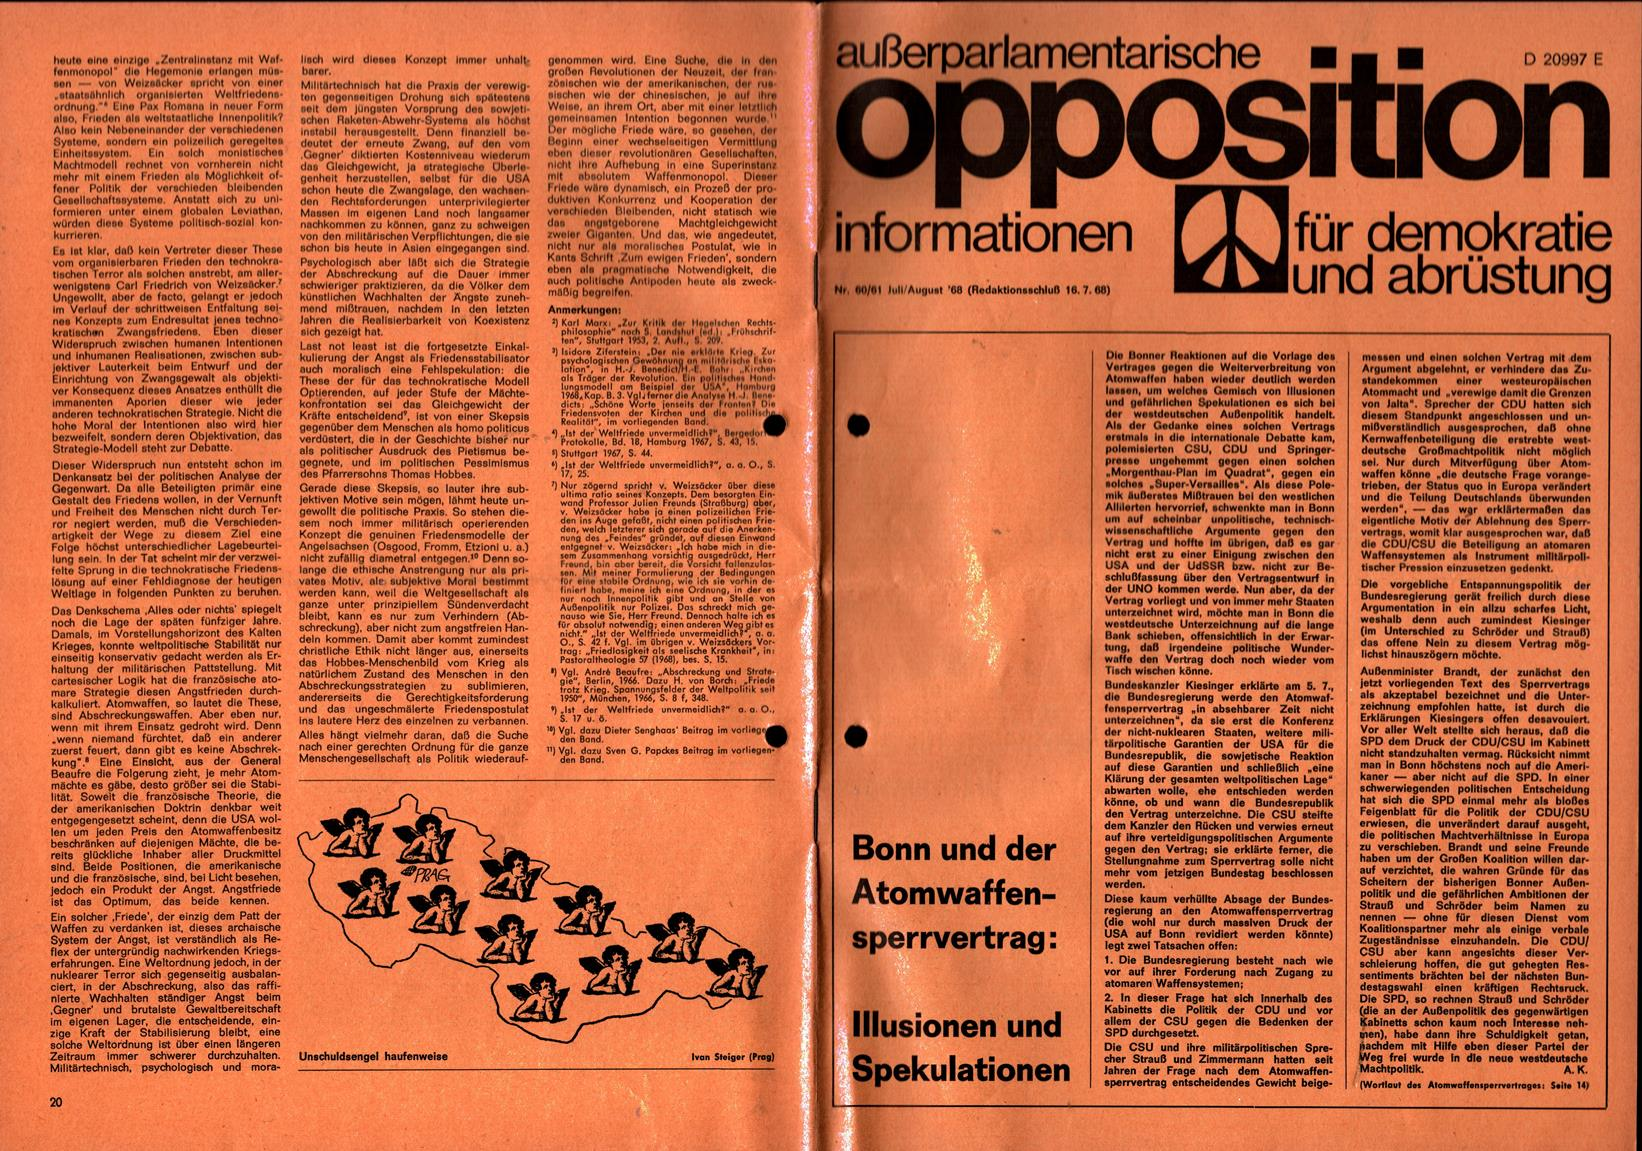 Infos_zur_Abruestung_1968_060_061_001